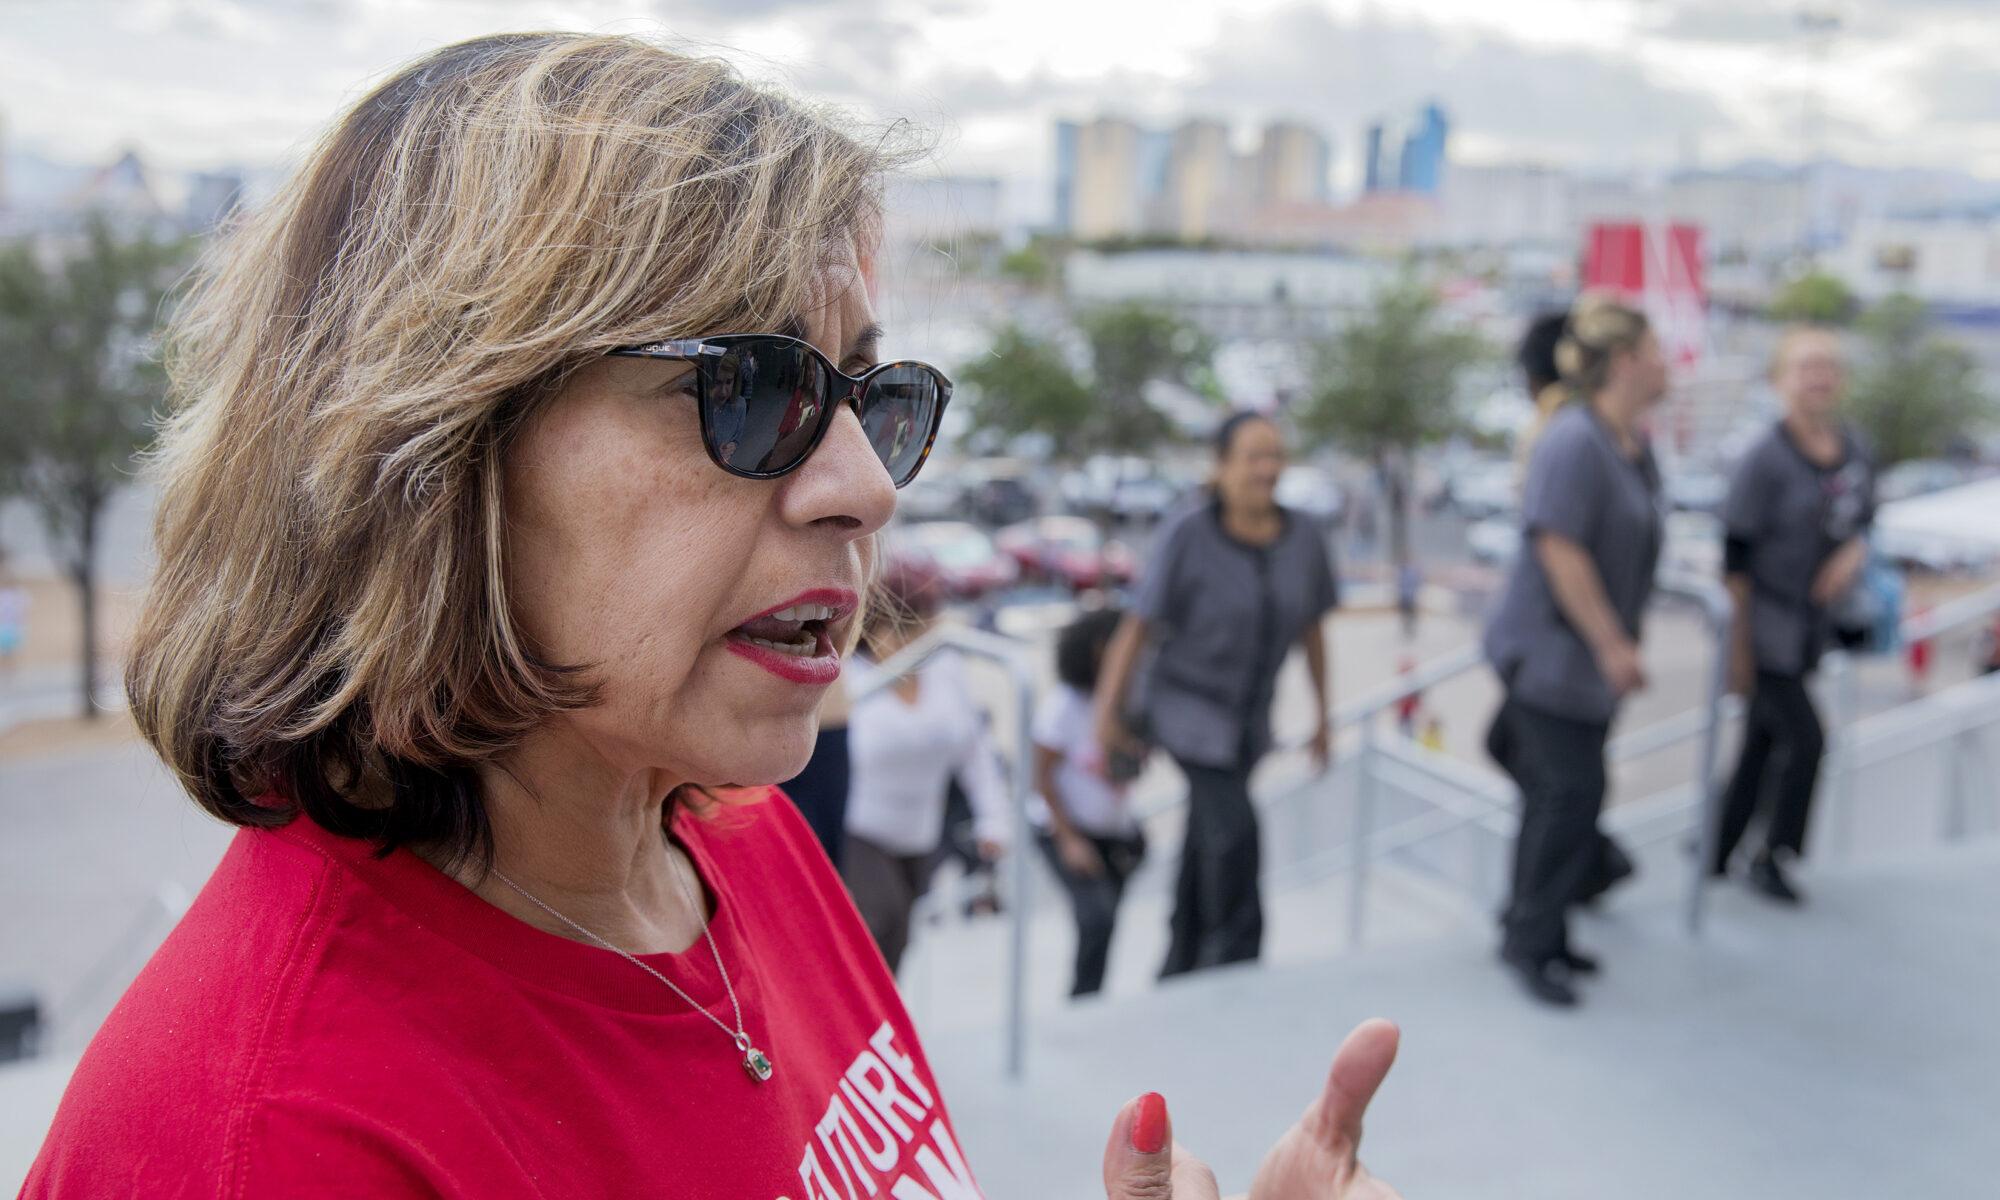 Geoconda Arguello-Kline in a red shirt